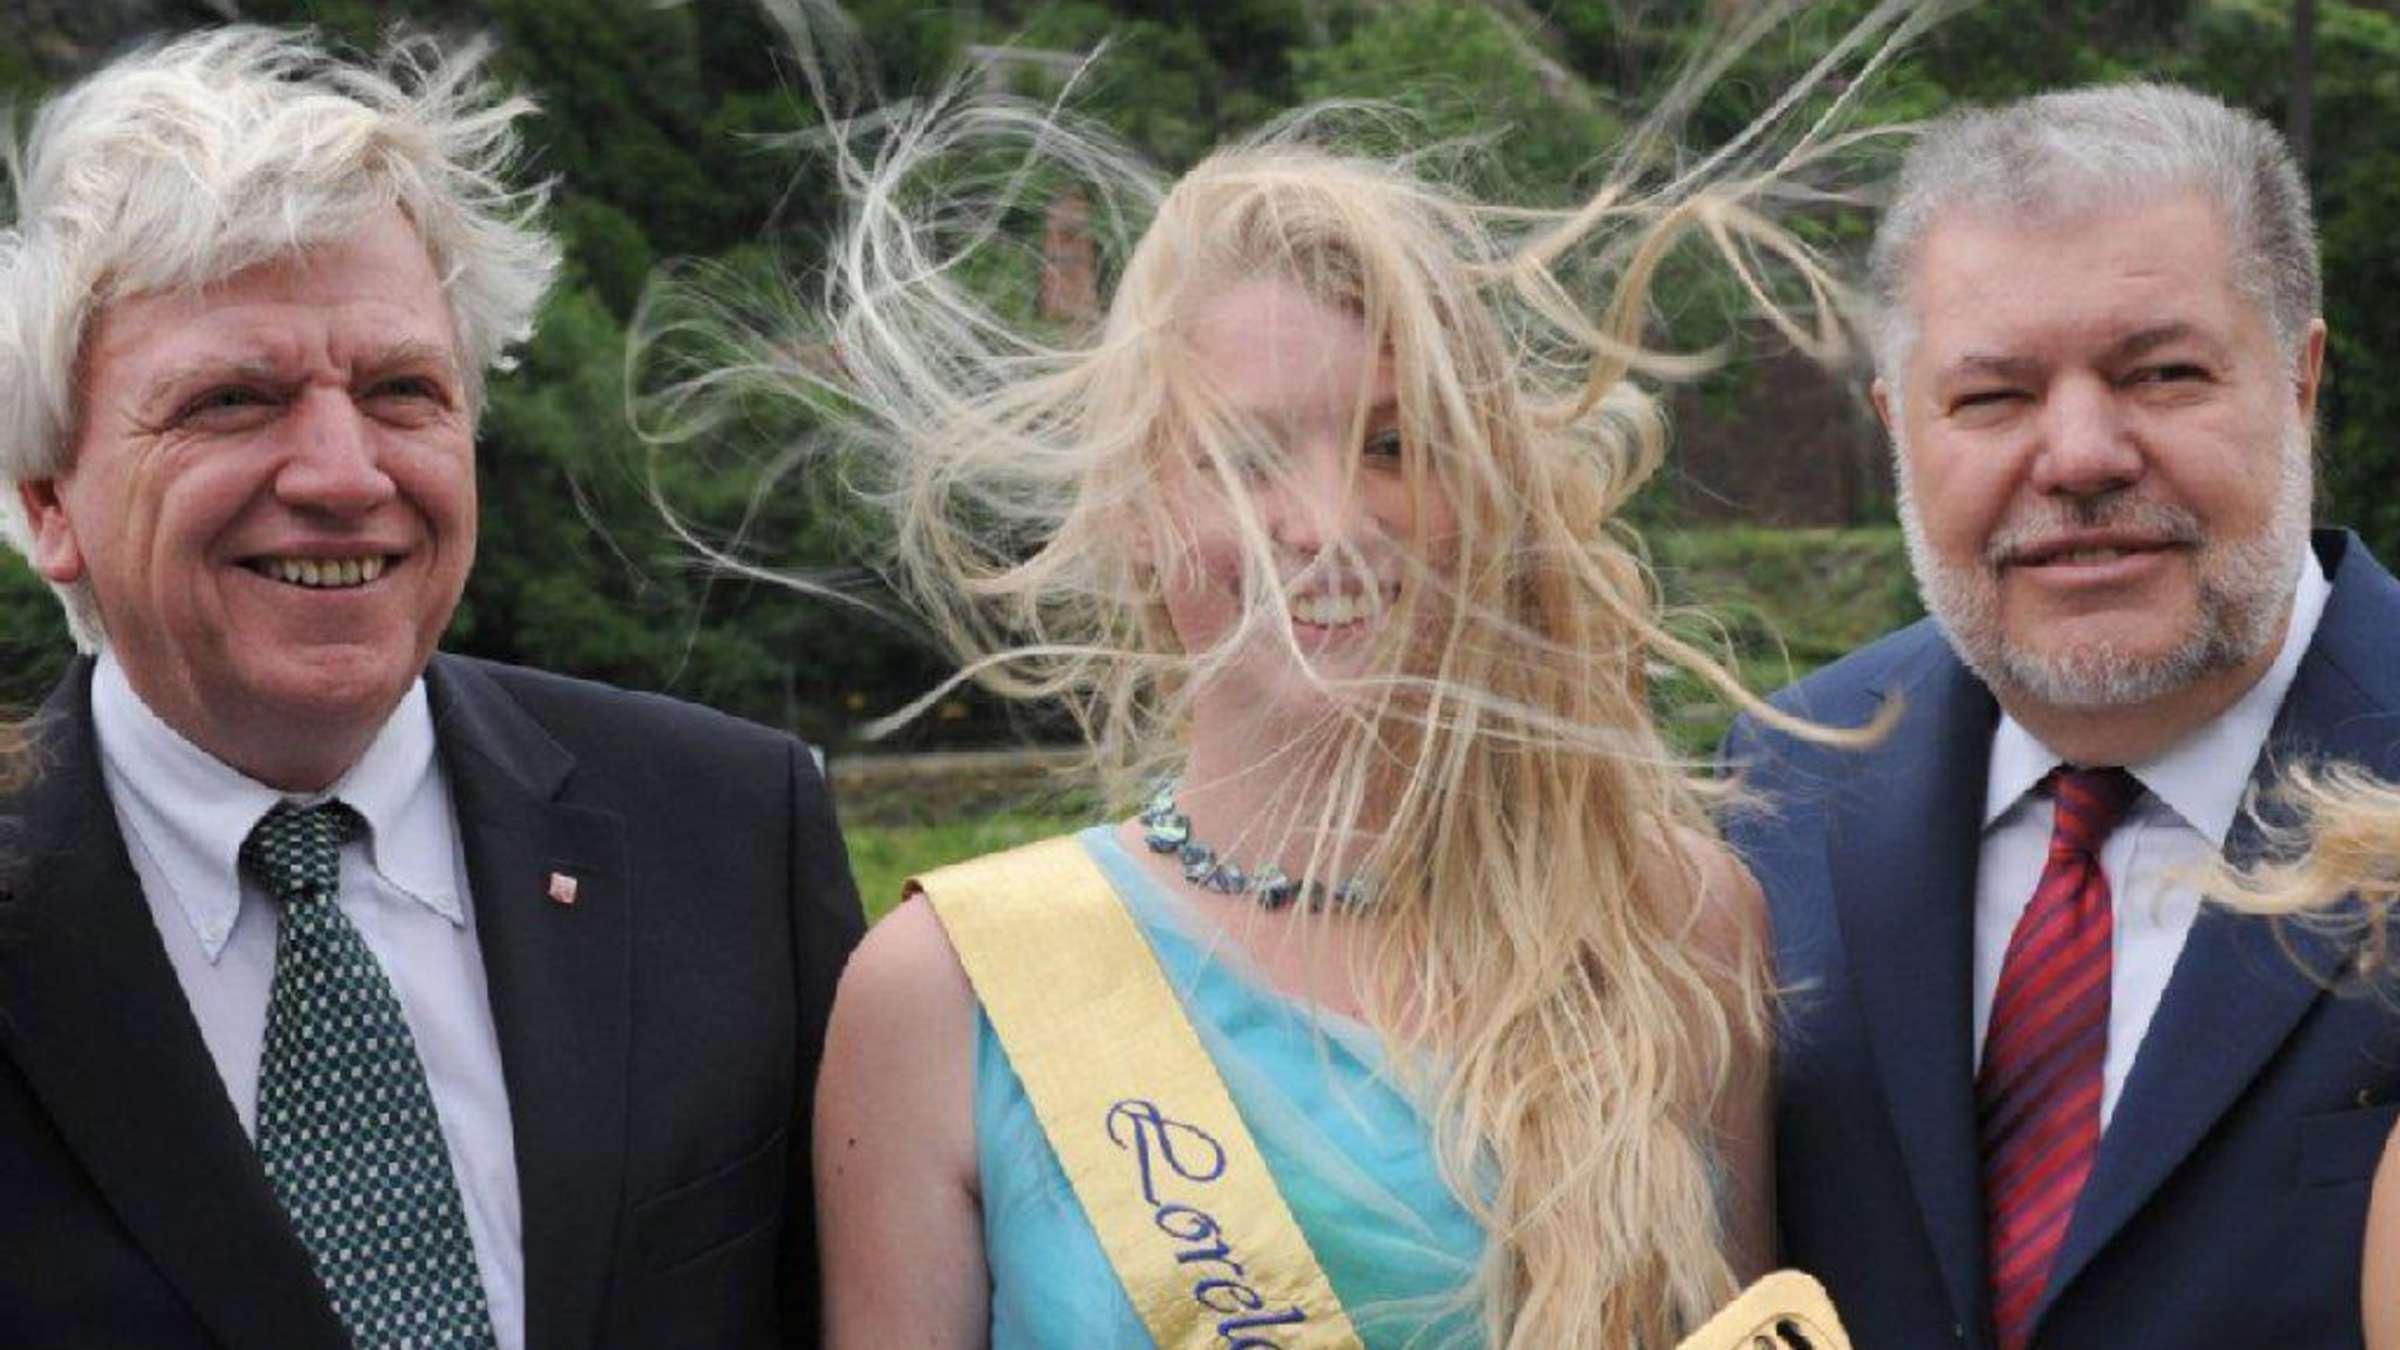 Warum Haben Blonde Mehr Haare Auf Dem Kopf?   Gesundheit innen Wieviel Haare Hat Der Mensch Auf Dem Kopf